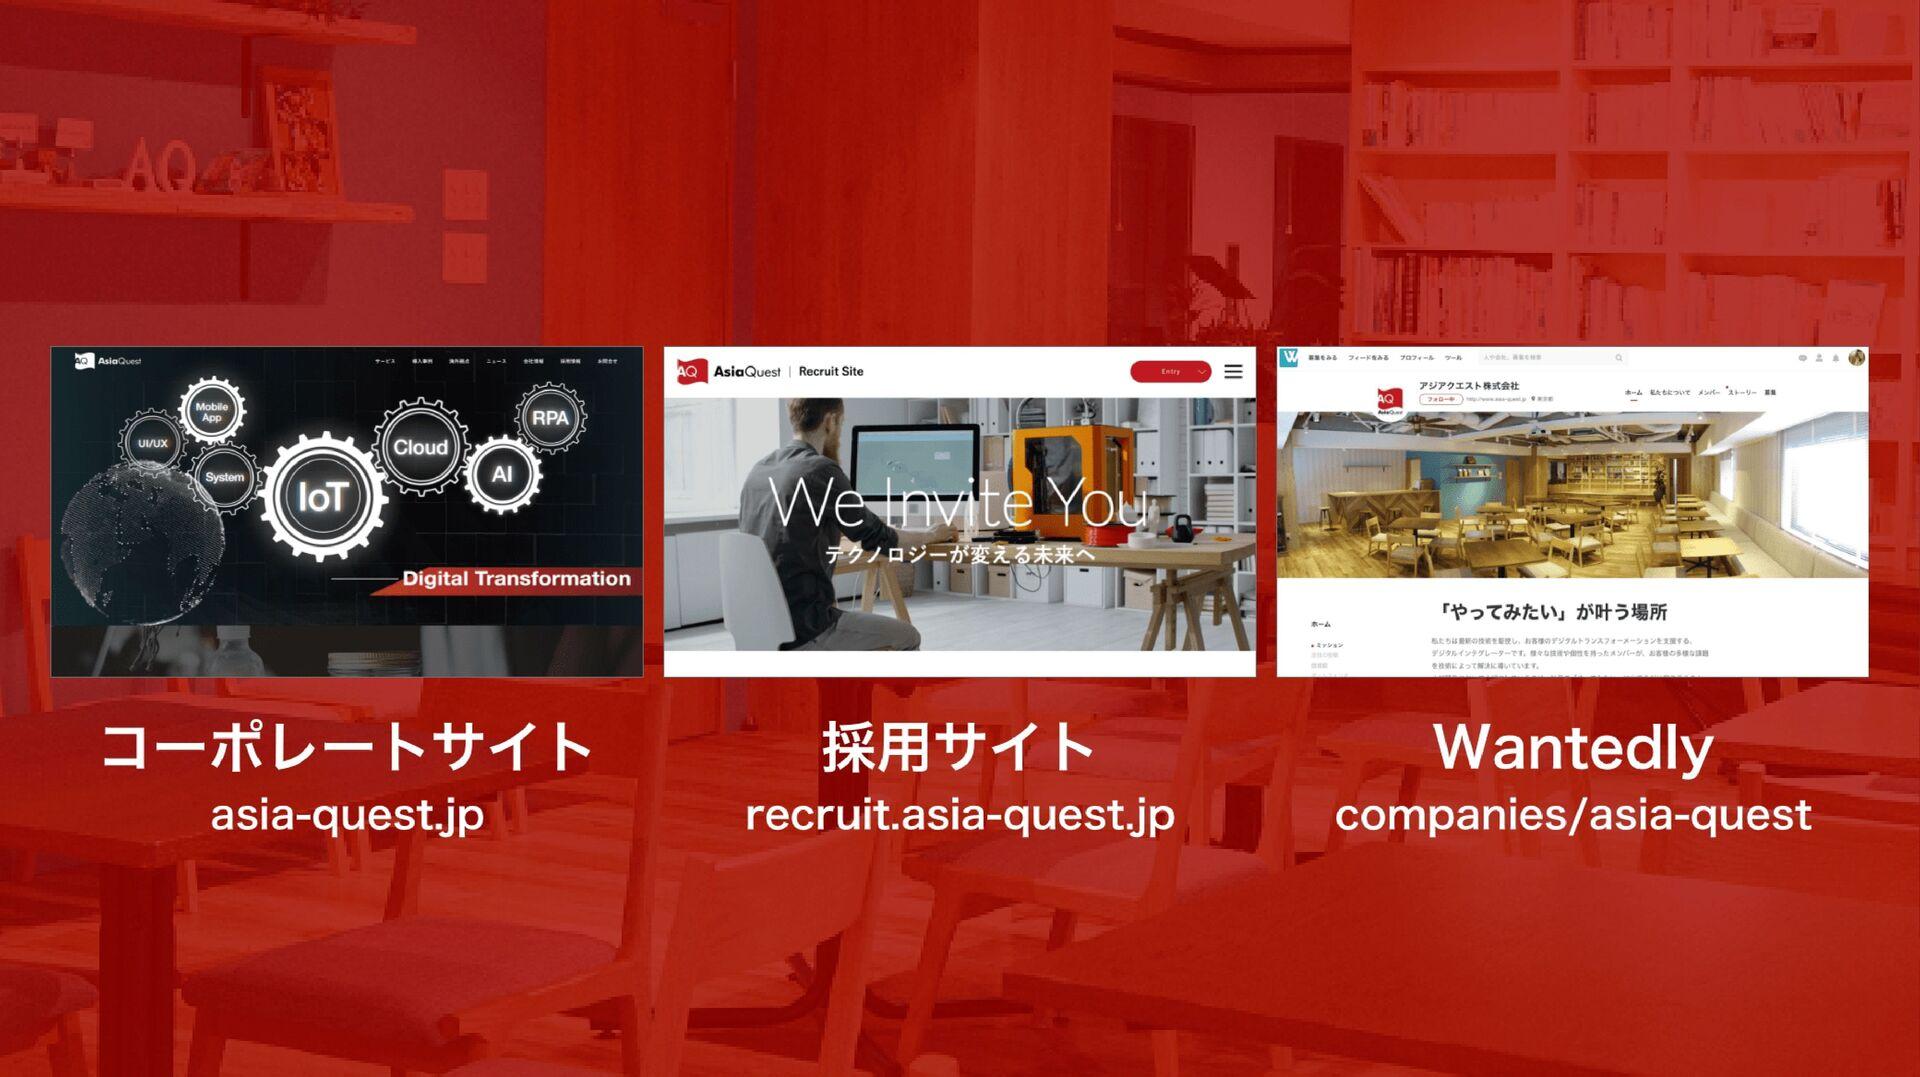 インドネシア法⼈ aqi.co.id マレーシア法⼈ asiaquest.my